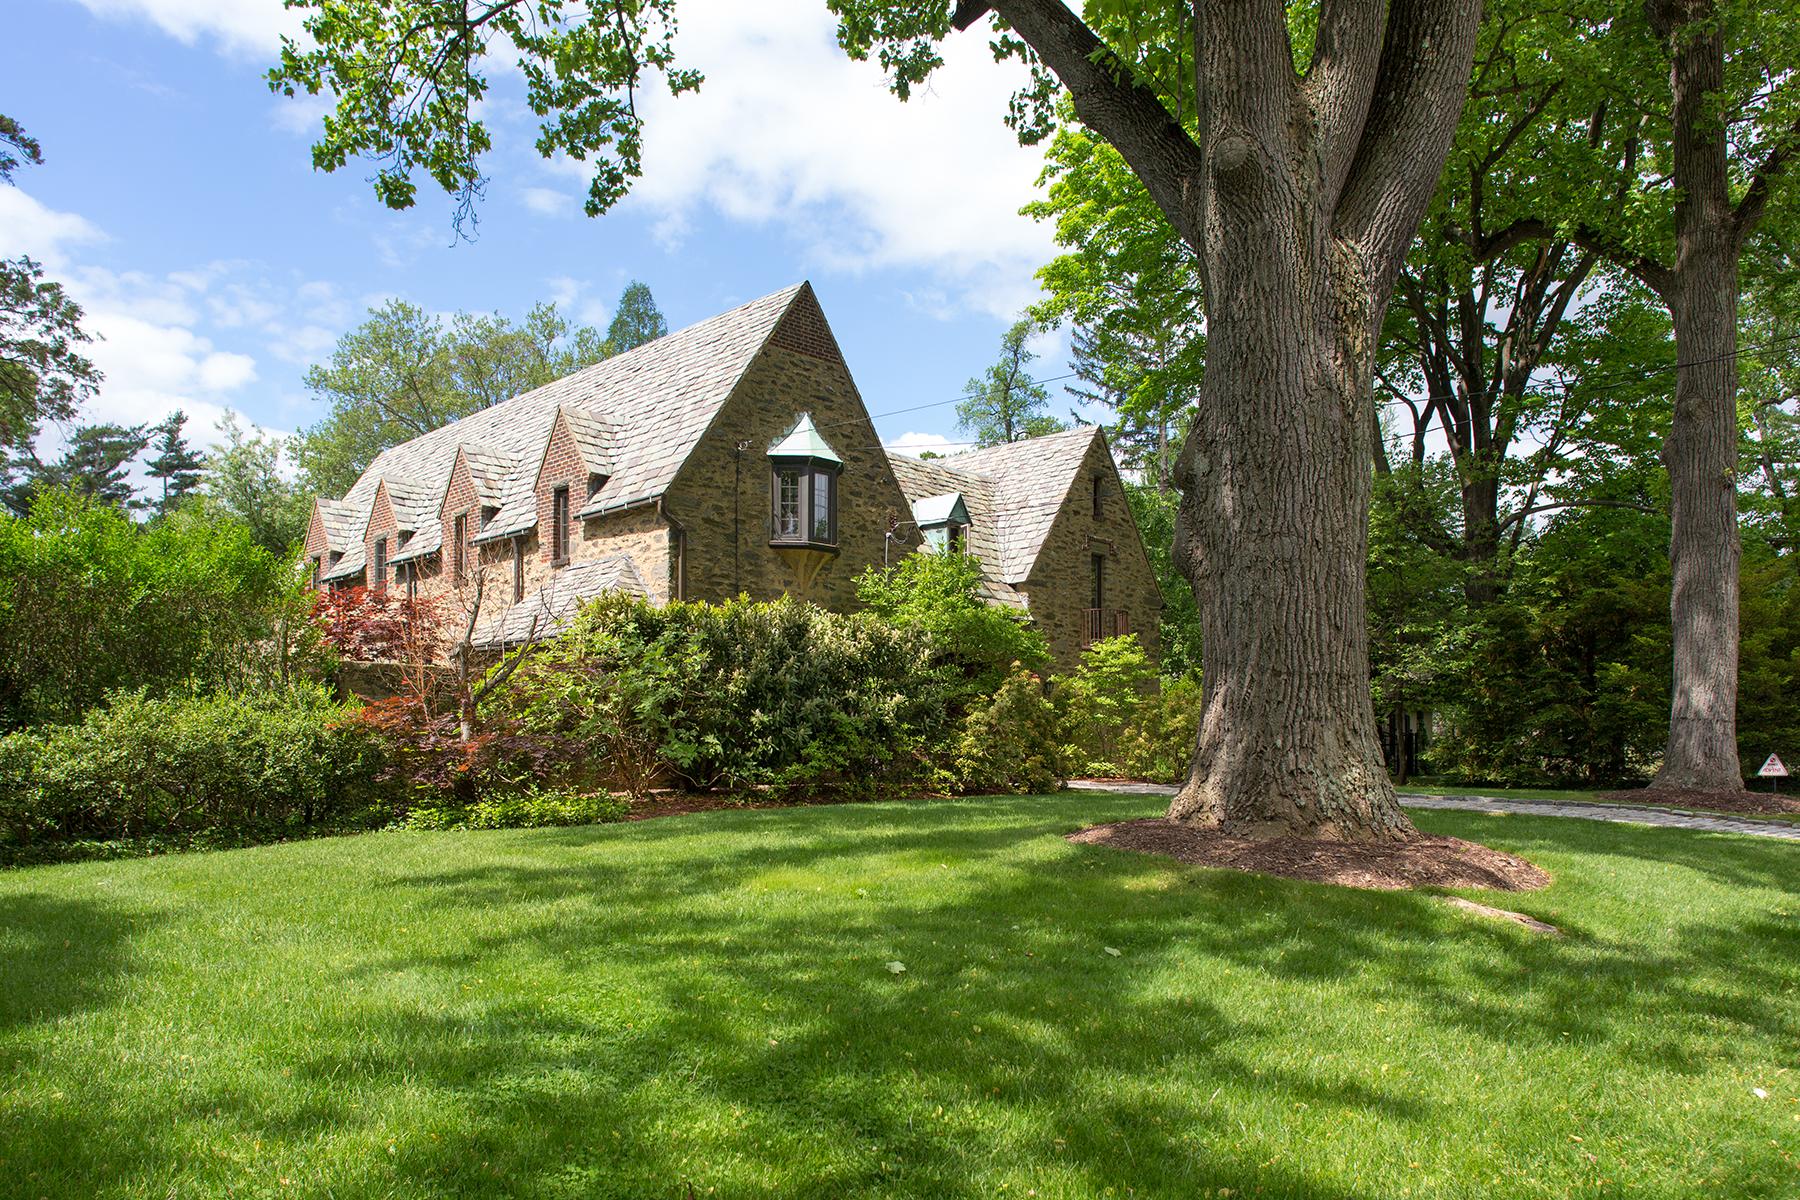 独户住宅 为 销售 在 Five Lanterns 8206 Ardmore Avenue Wyndmoor, 宾夕法尼亚州 19038 美国